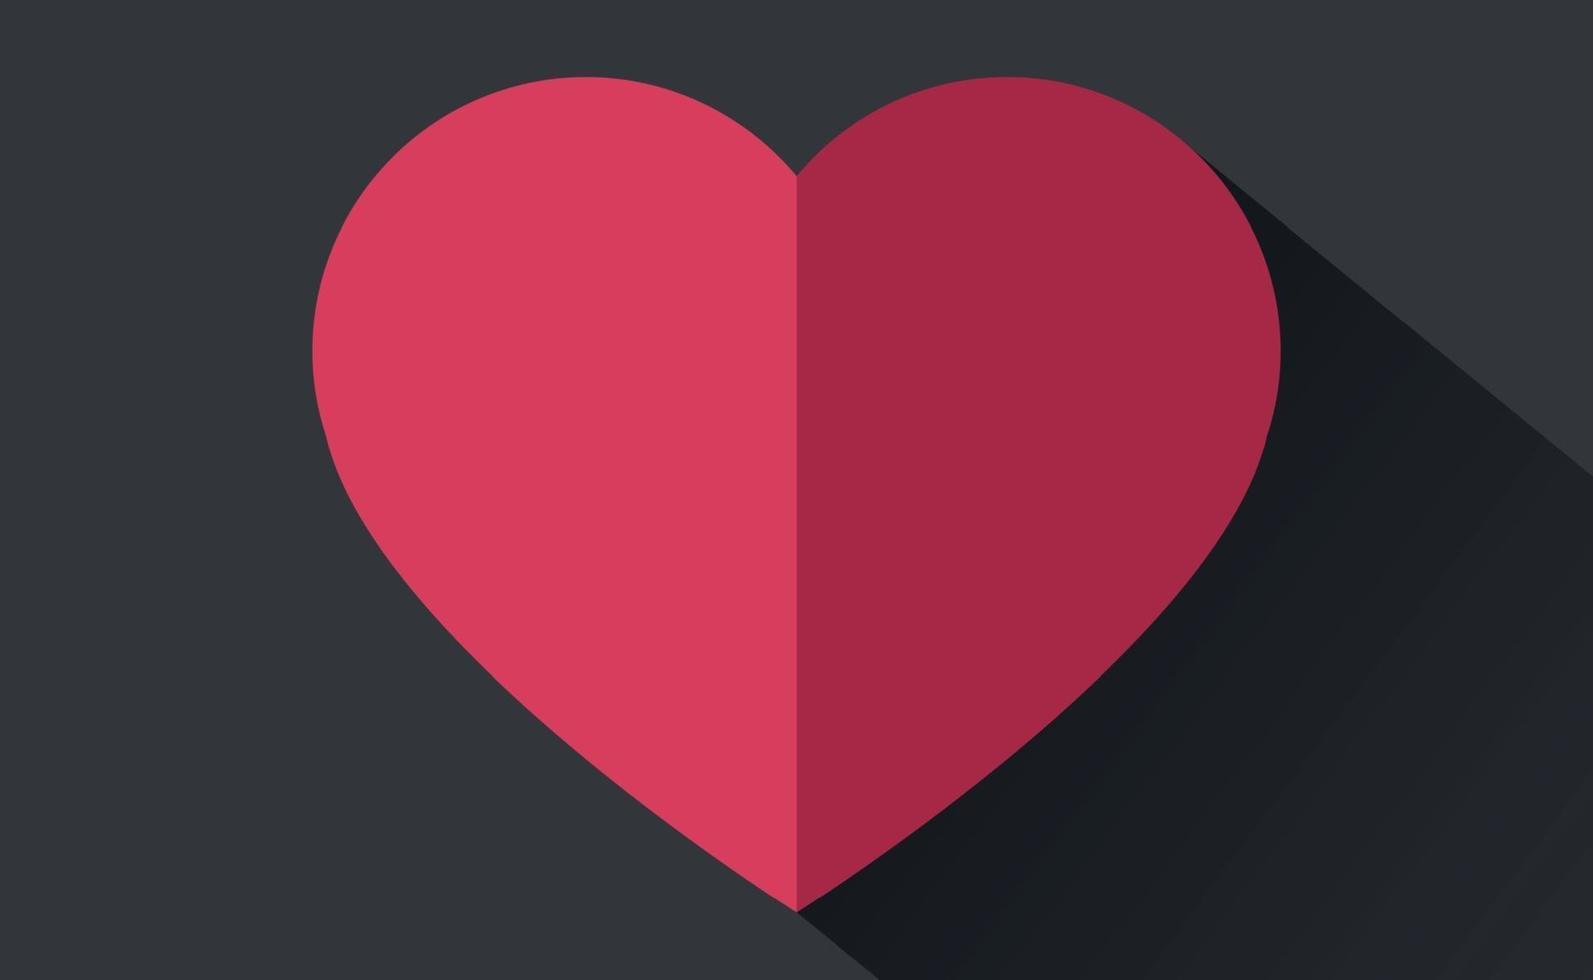 abstrakt festligt rött hjärta på svart och grå bakgrund - vektorillustration vektor